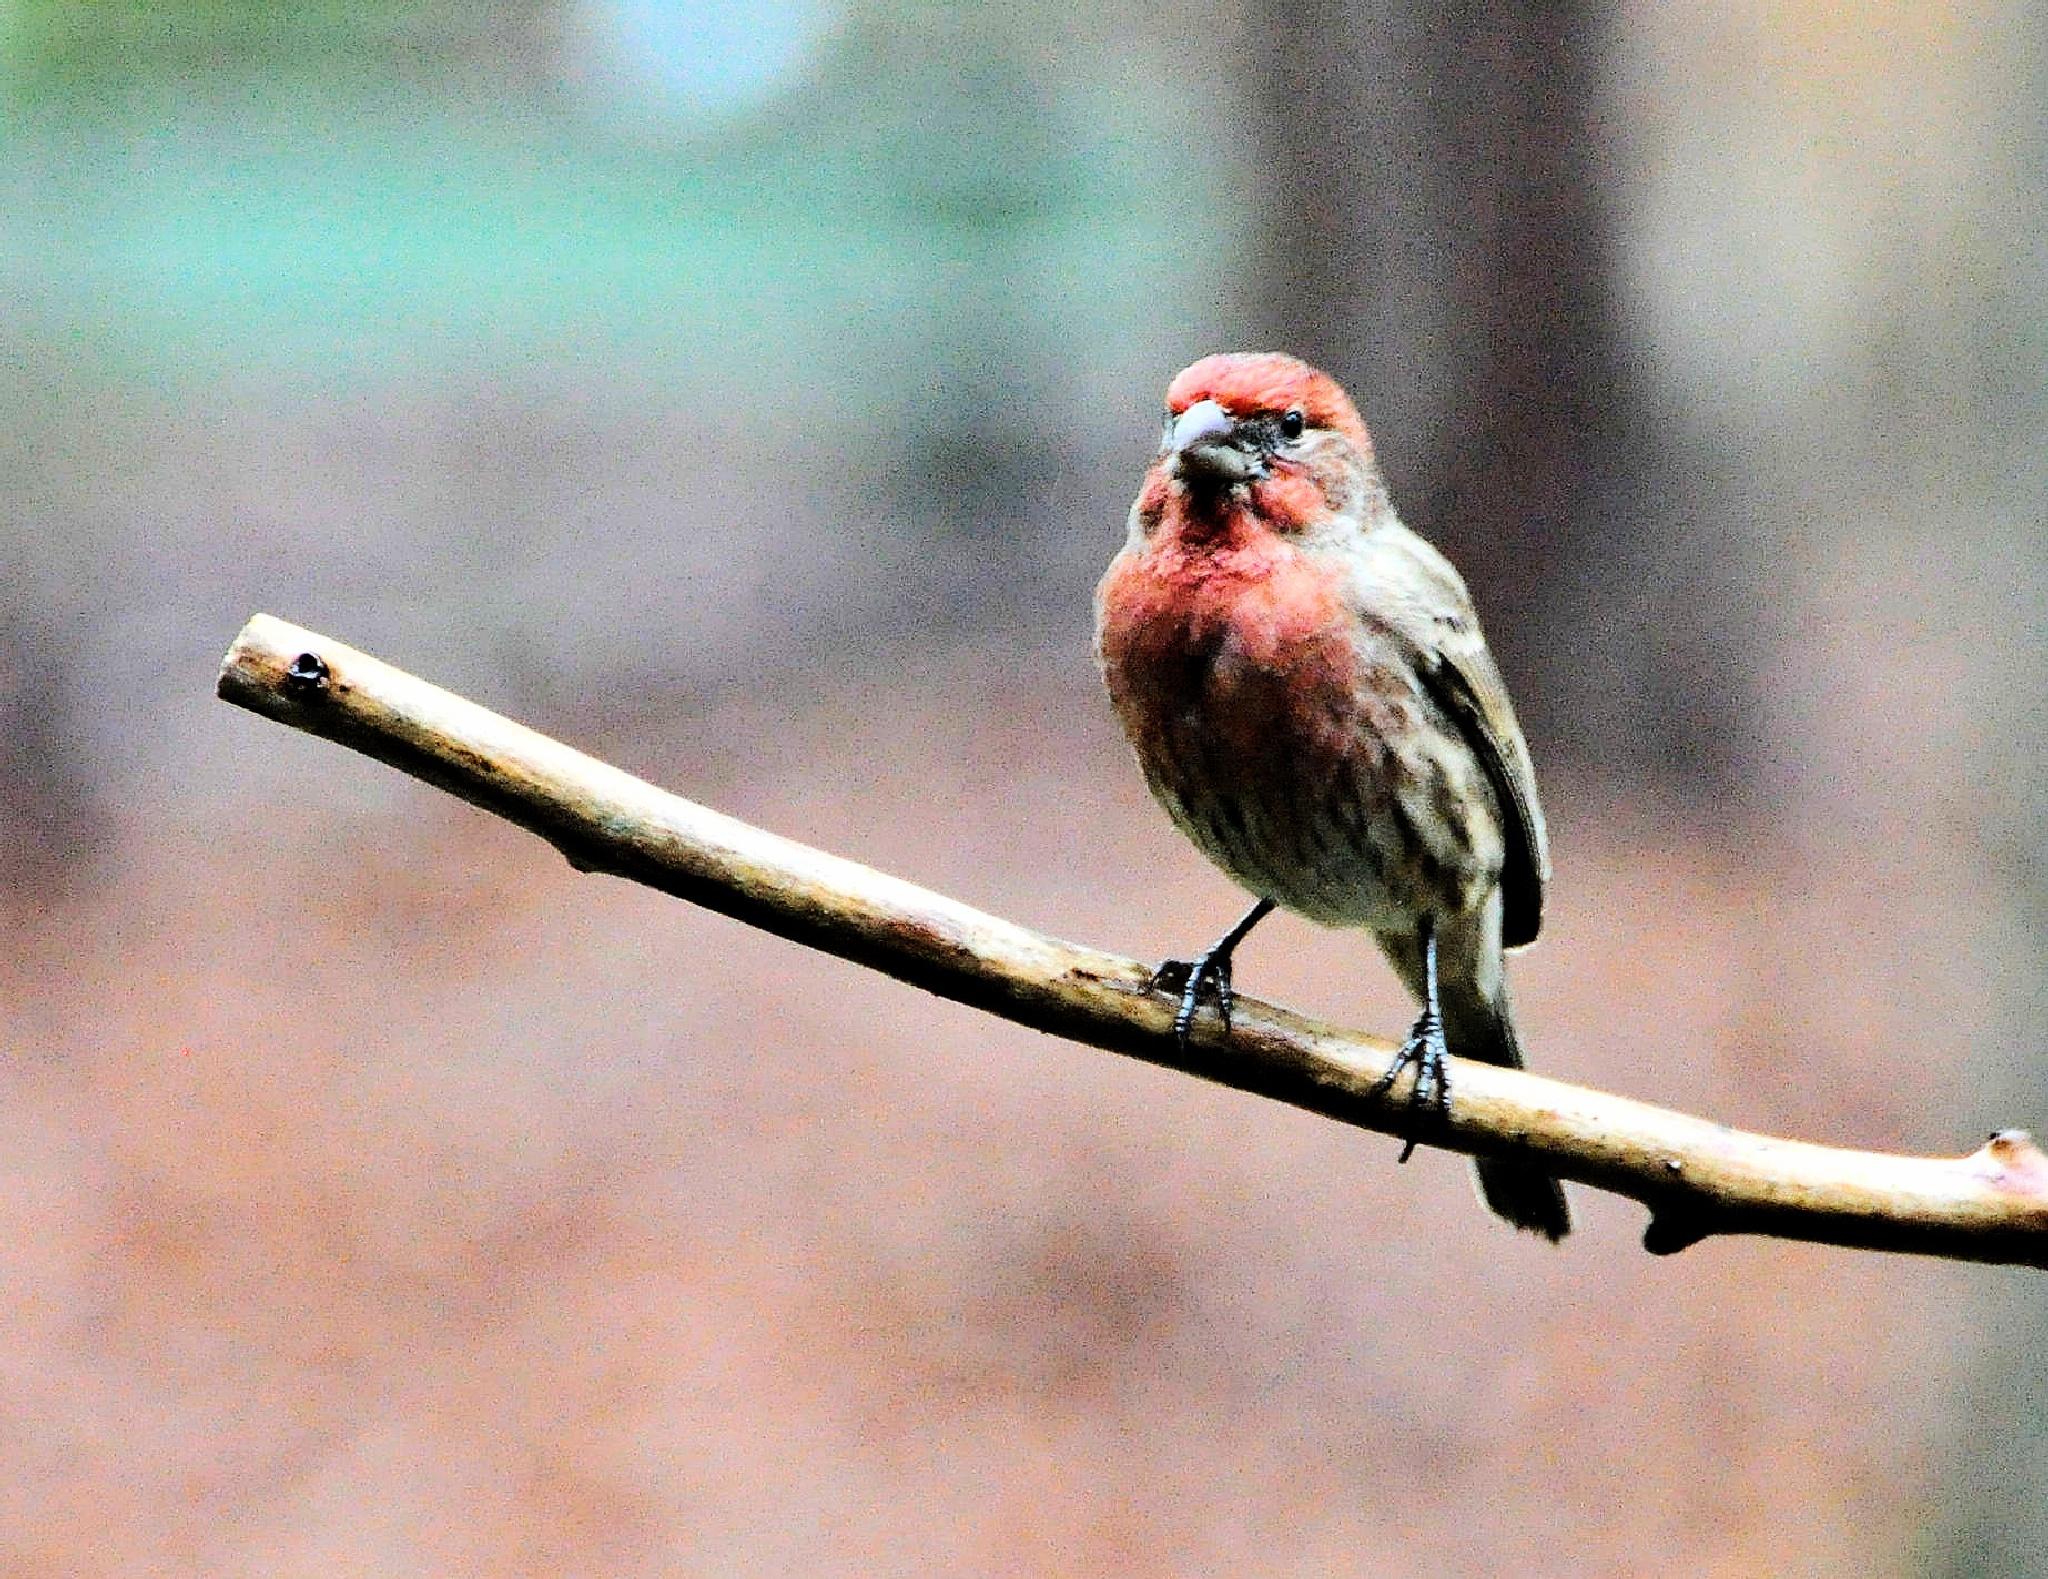 Little Finch by Joeski